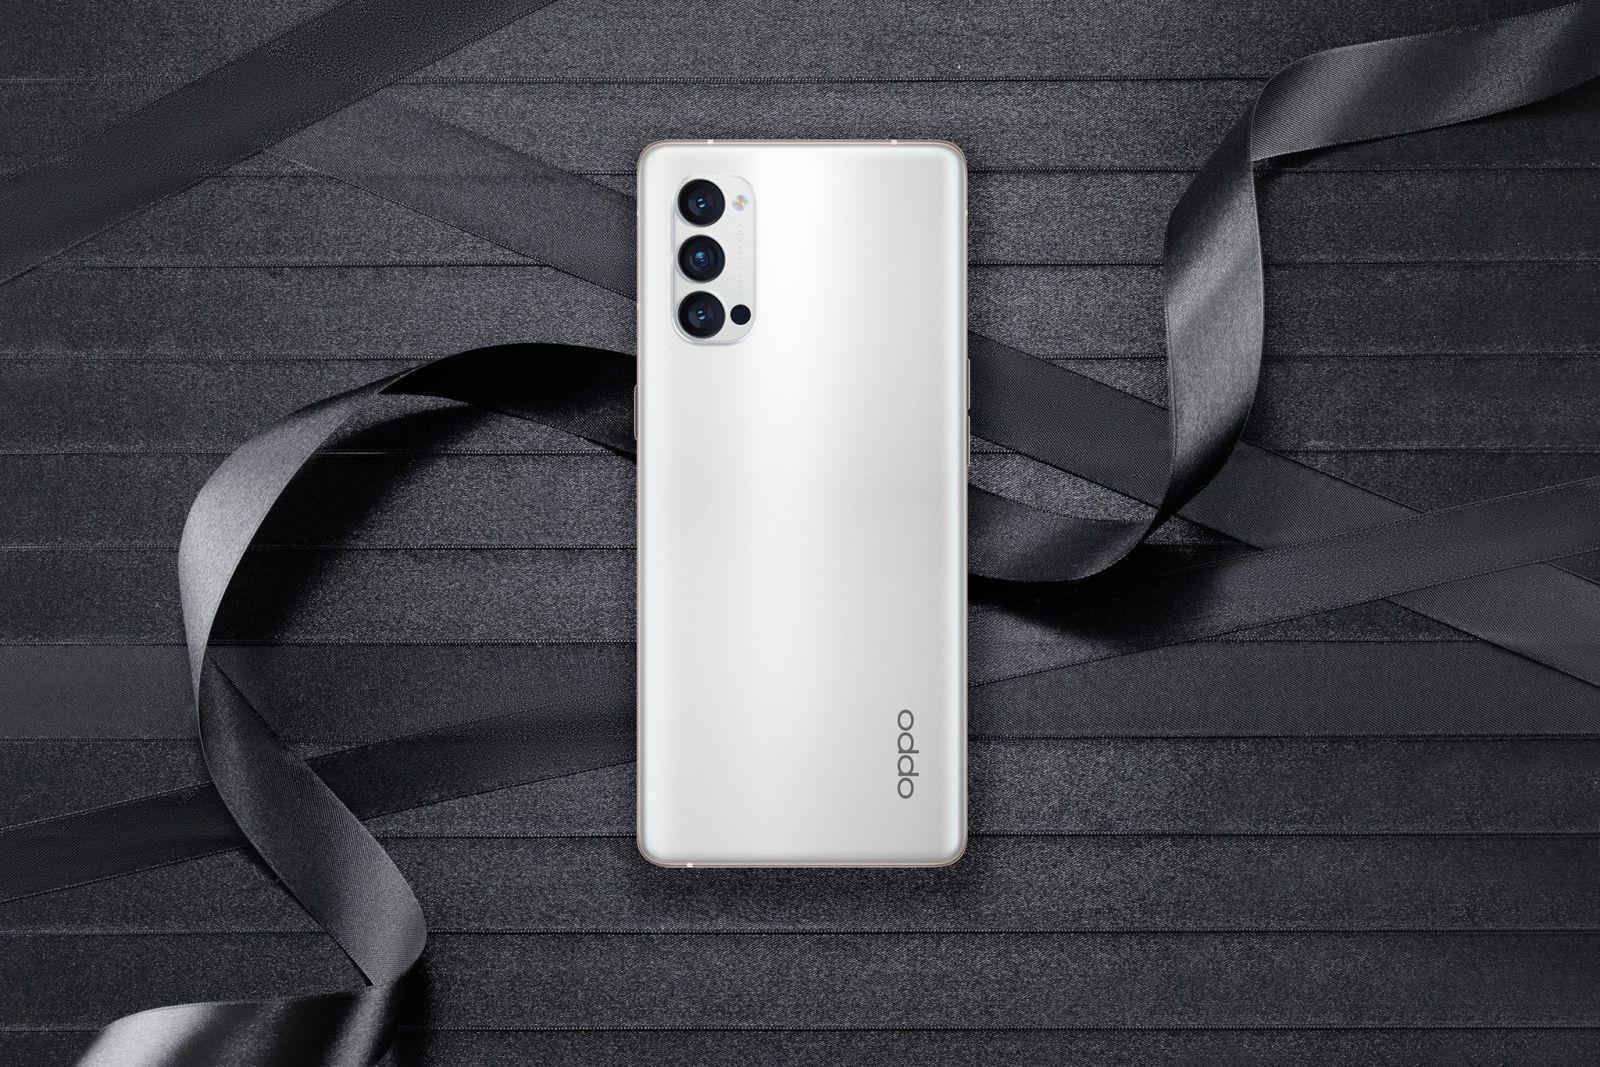 Oppo опубликовала фотографии смартфона Oppo Reno 4 (ezmvyhovaaiobzm large)